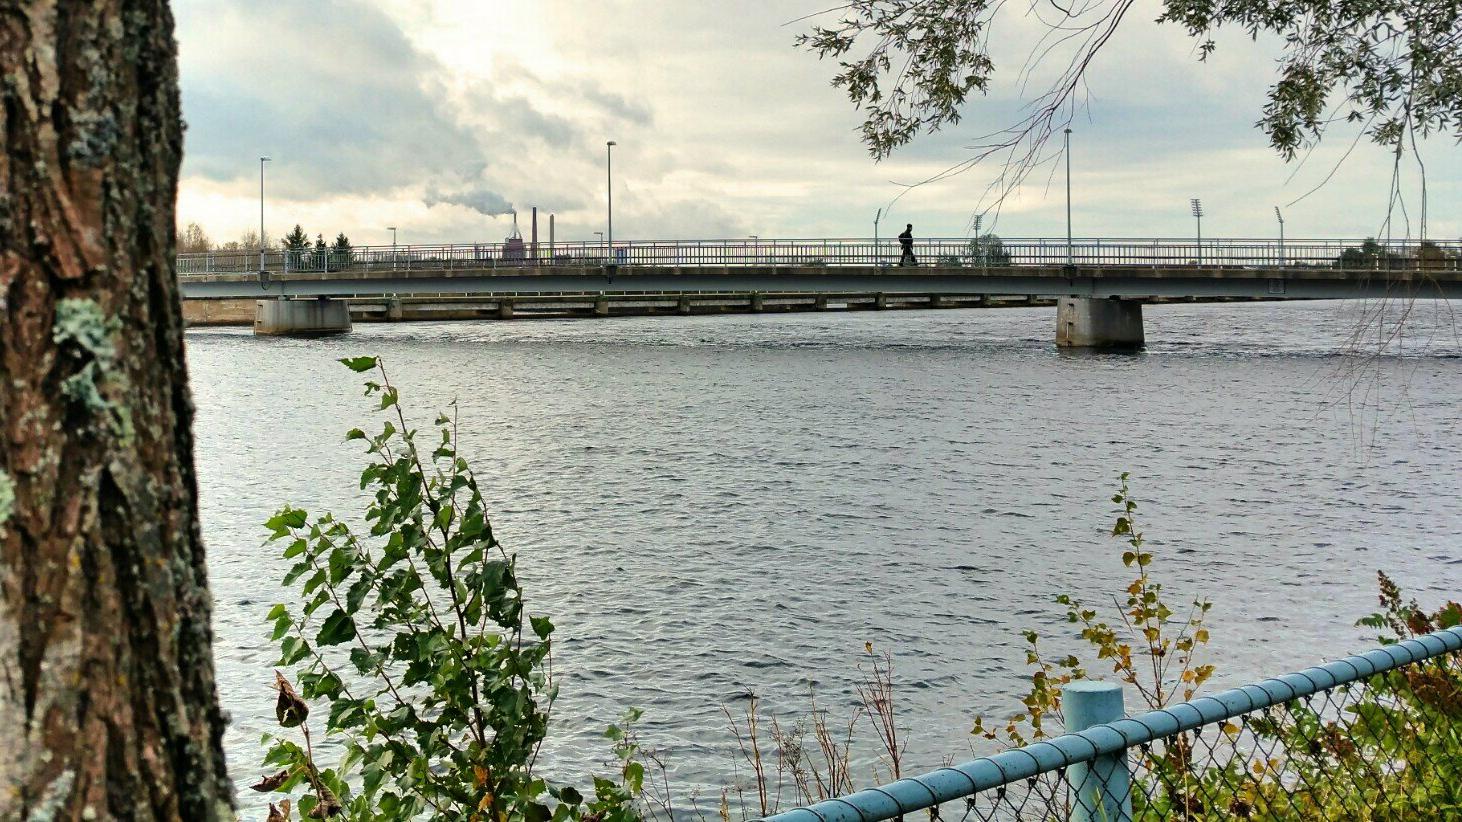 KaupunkiAppis artikkelin kuvituskuva: Oulun kaupunki